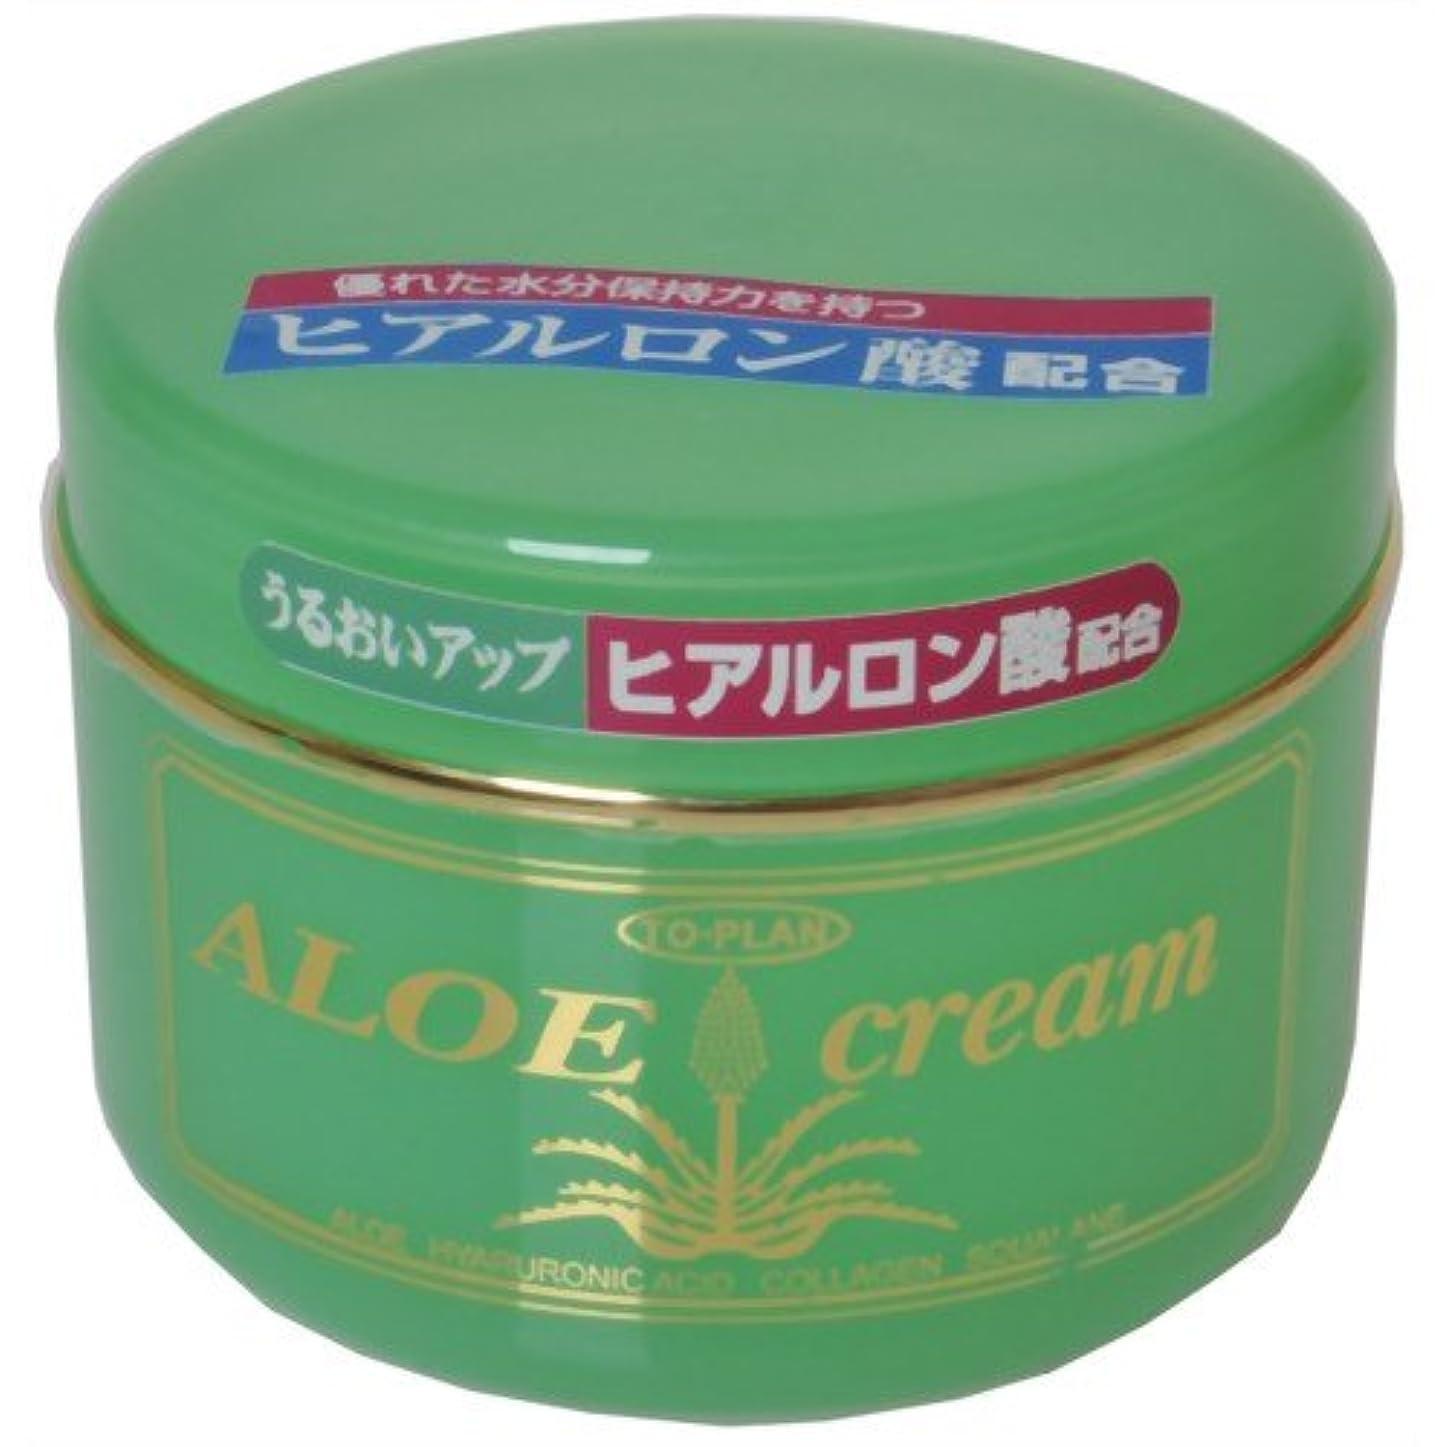 眠っているブランド名バルセロナTO-PLAN(トプラン) ヒアルロン酸?アロエエキス?スクワラン配合アロエクリーム170g